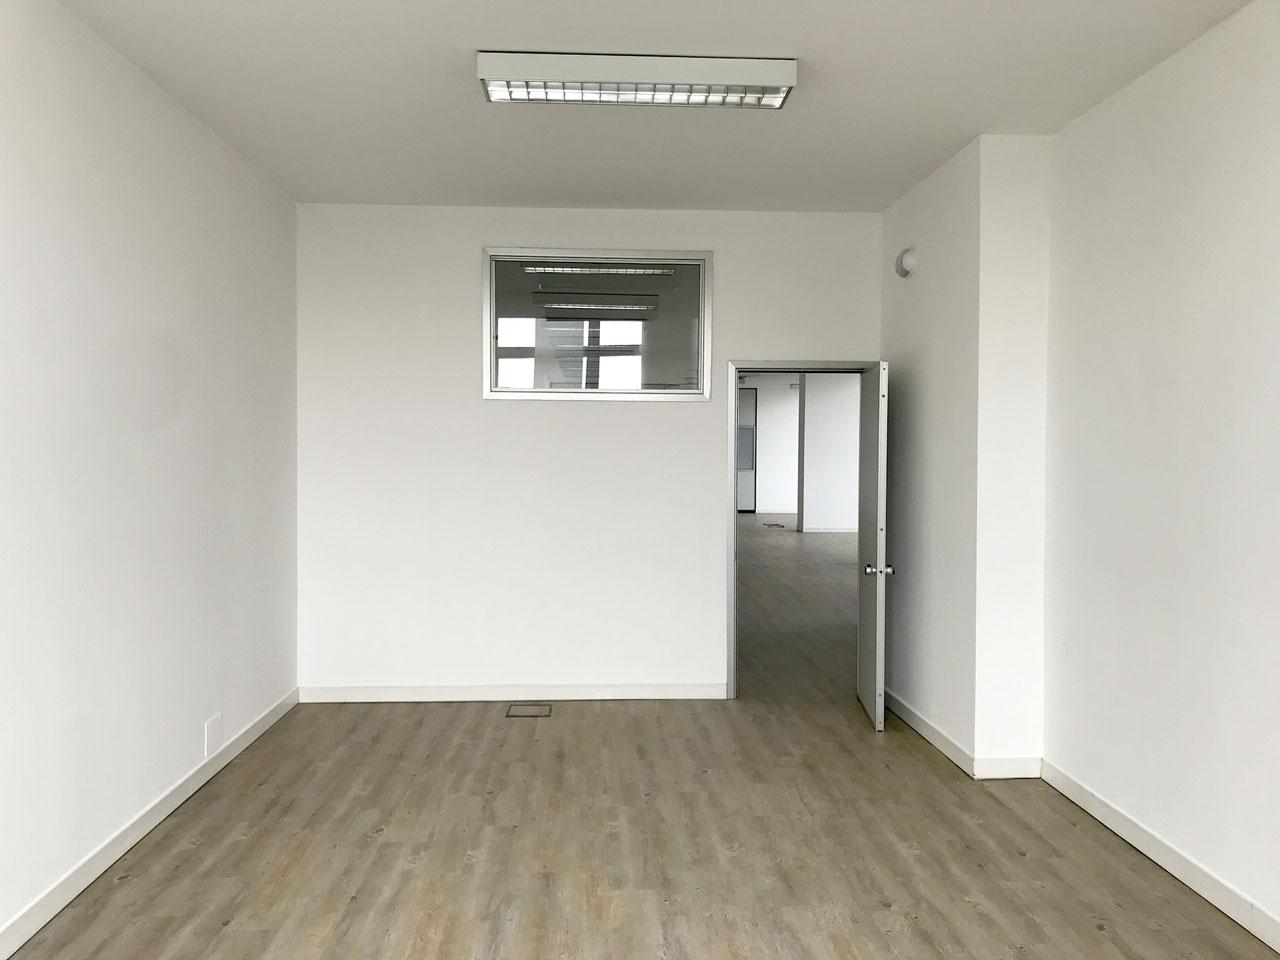 ufficio 430 mq secondo piano - Atlantic Business Center - ufficio / sala riunioni fronte Via Fantoli